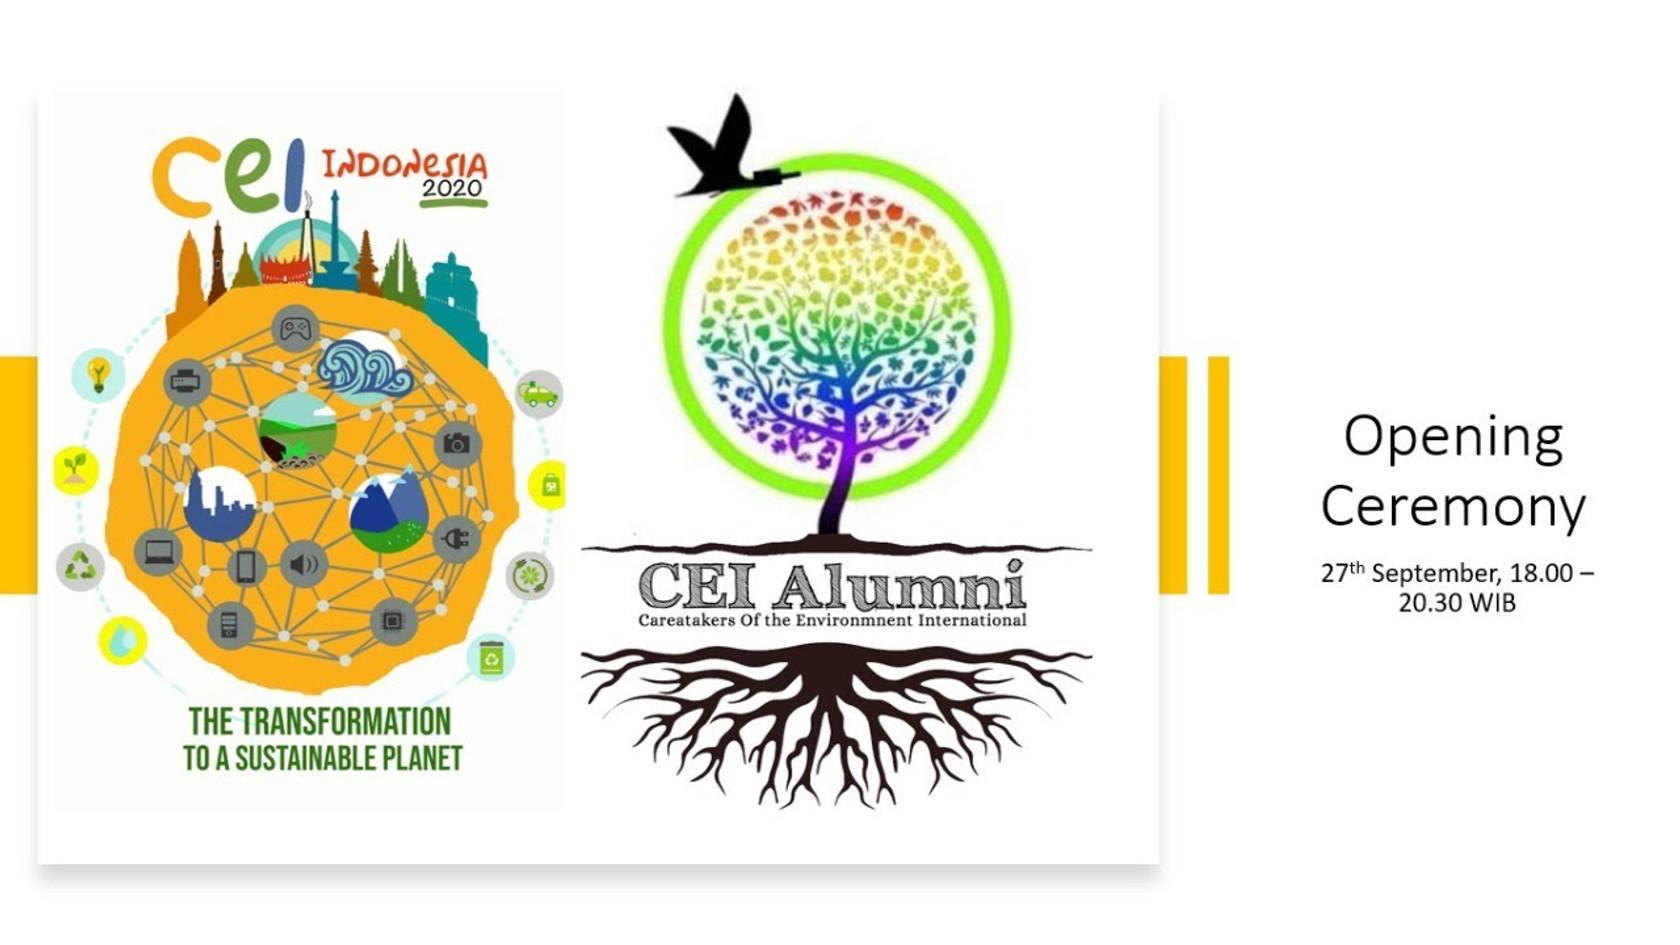 CEI 2020 Opening Ceremony